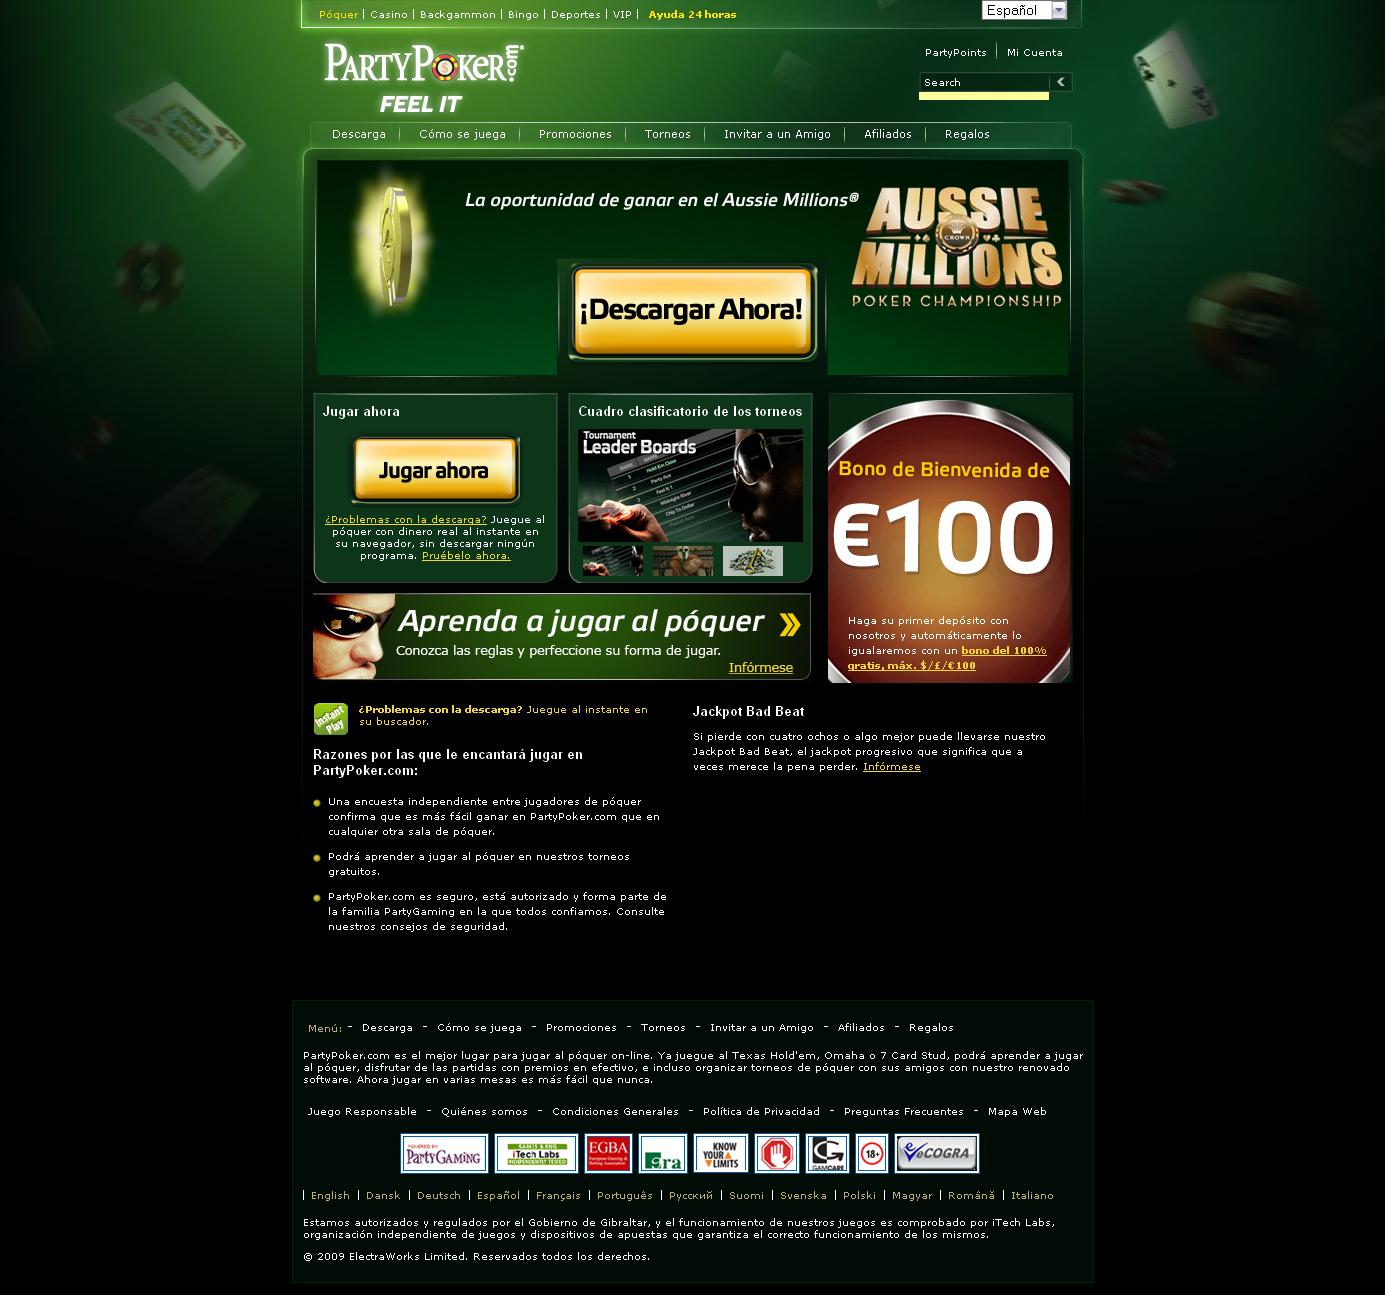 casino gratis online sin registrarse un